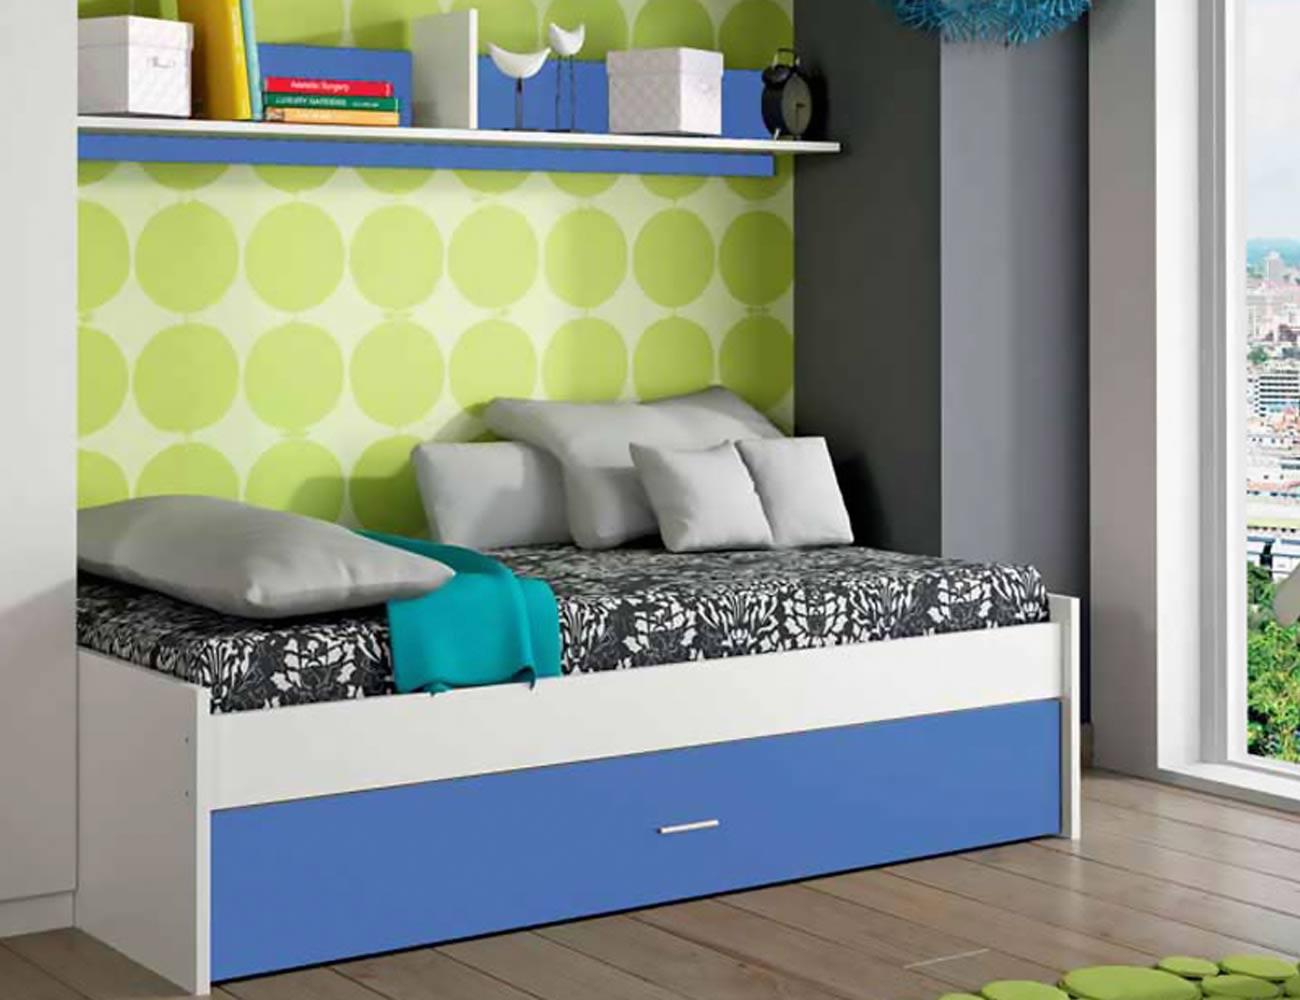 Dormitorio juvenil cama nido blanco